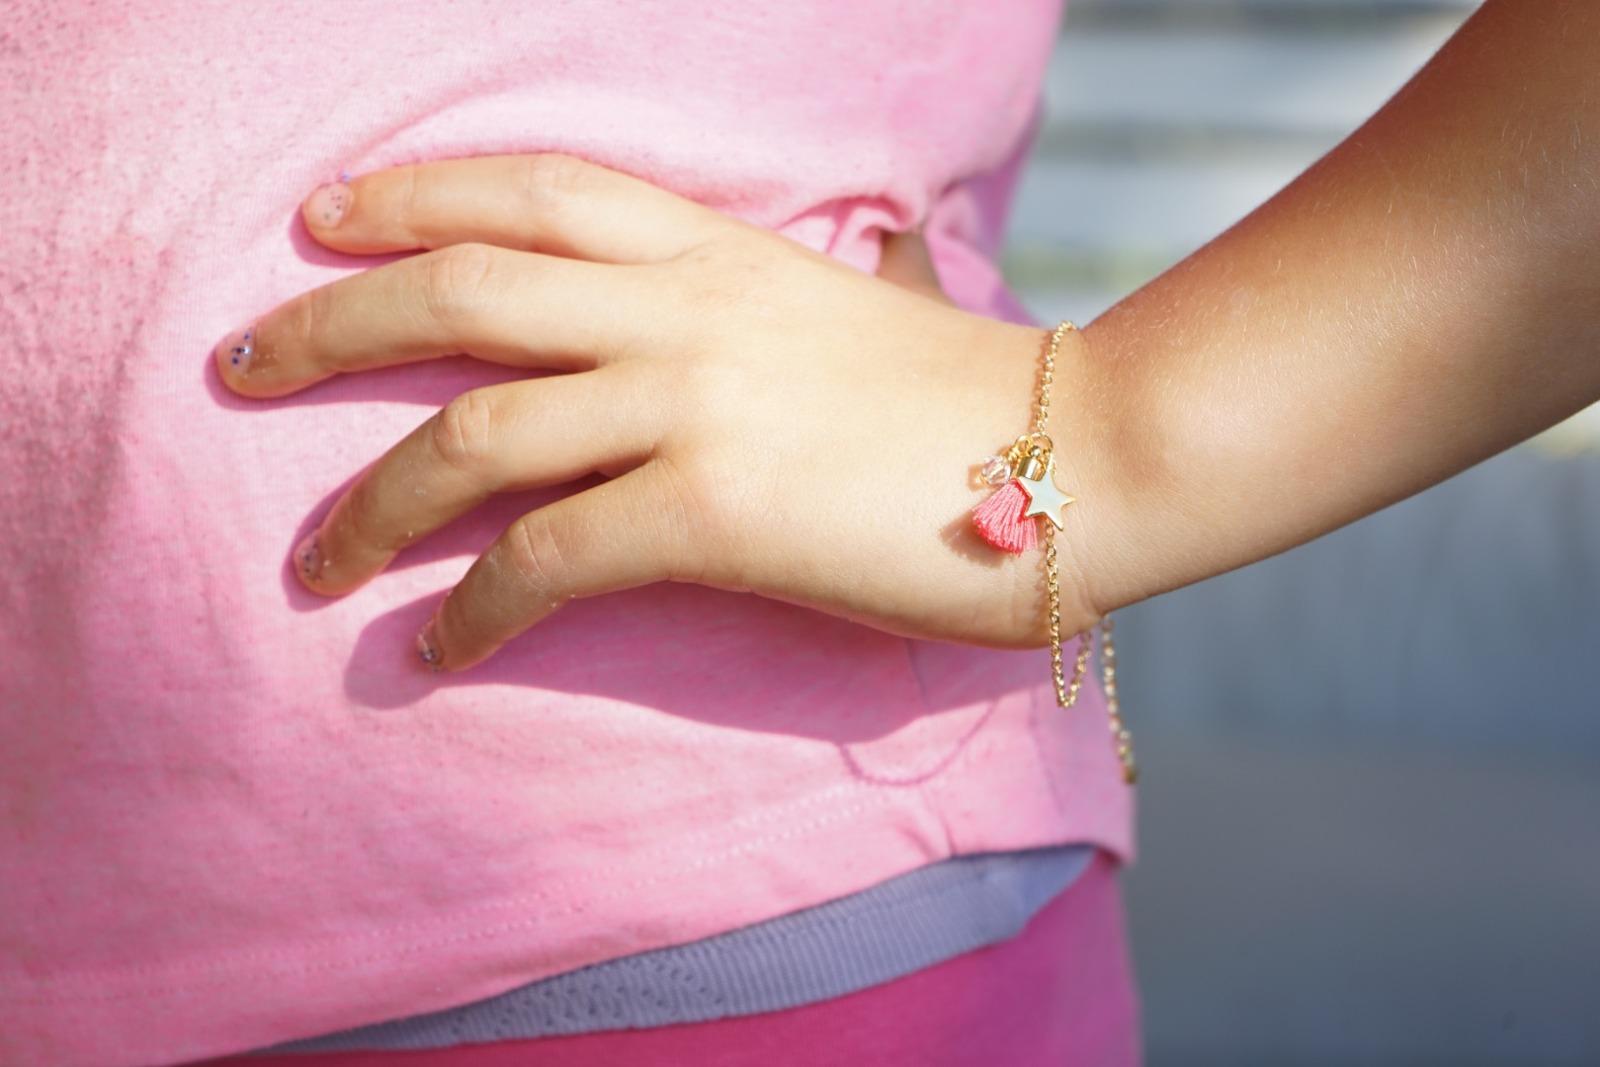 Armband vergoldet mit Glitzeranhänger und Quaste - 3